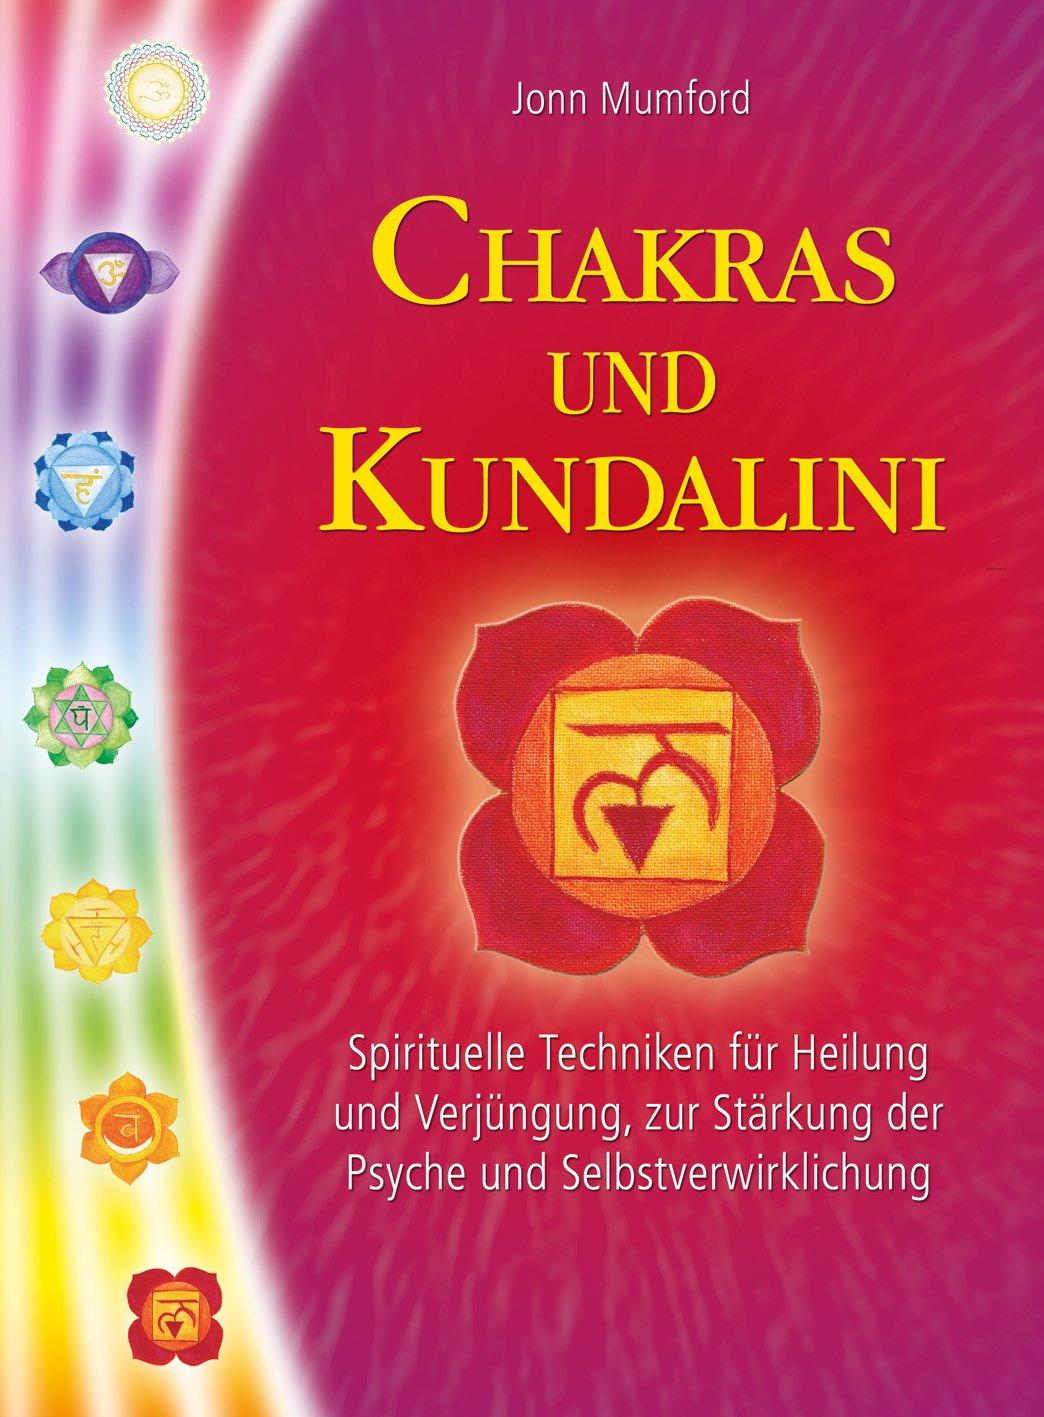 Chakras und Kundalini: Spirituelle Techniken für Heilung und Verjüngung, zur Stärkung der Psyche und Selbstverwirklichung